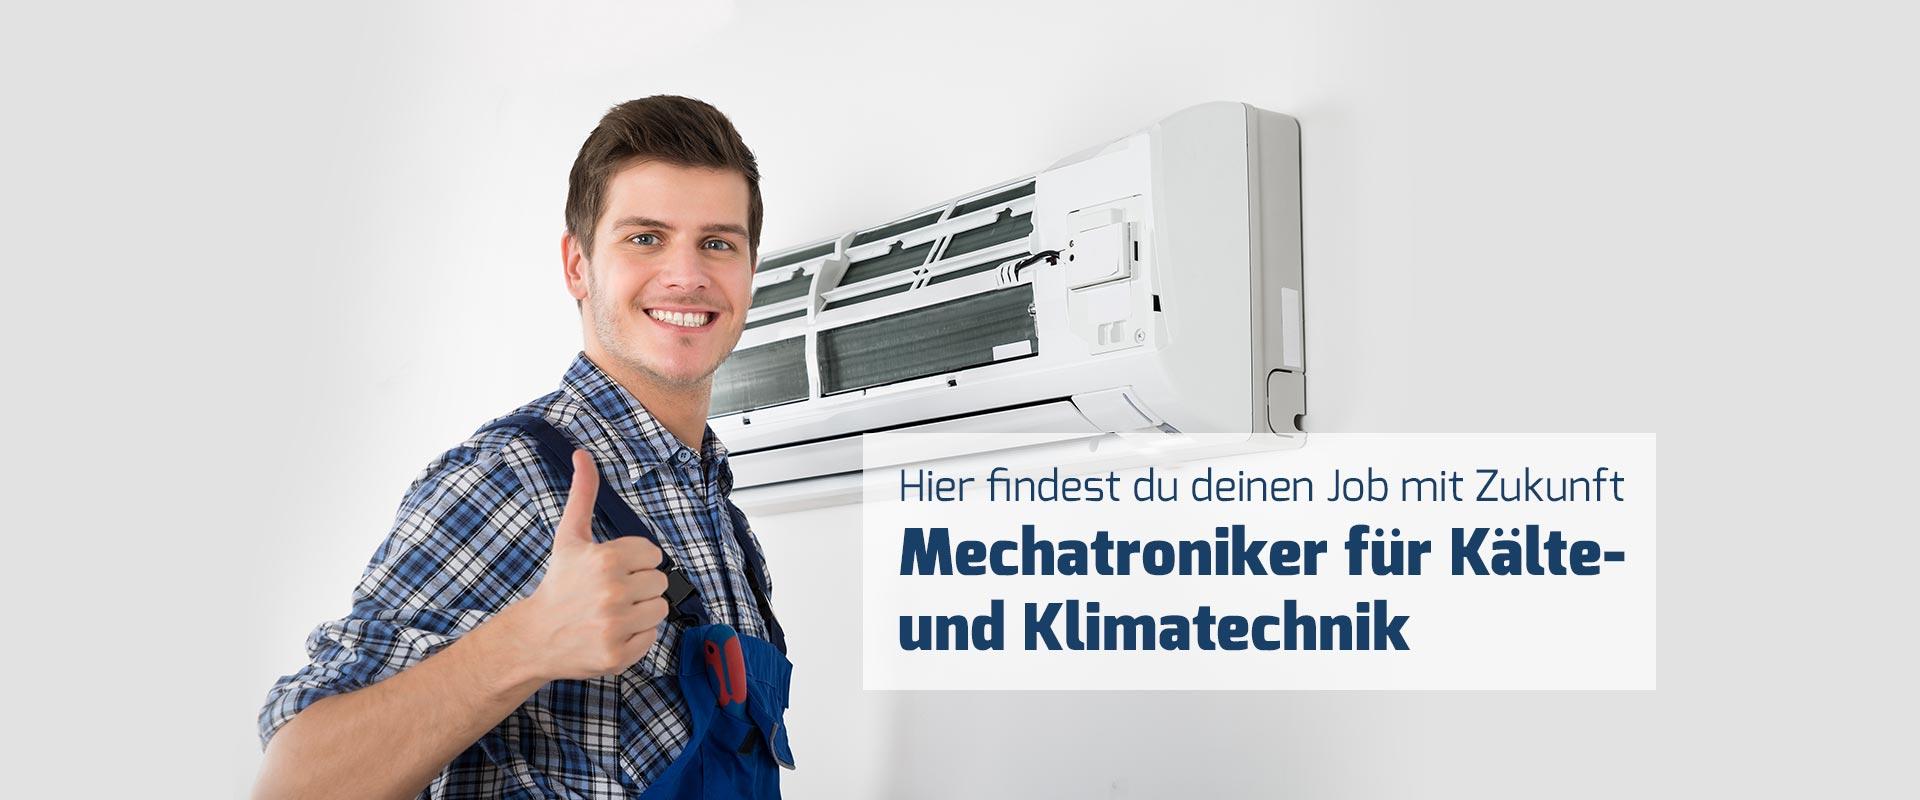 ausbildung_mechatroniker